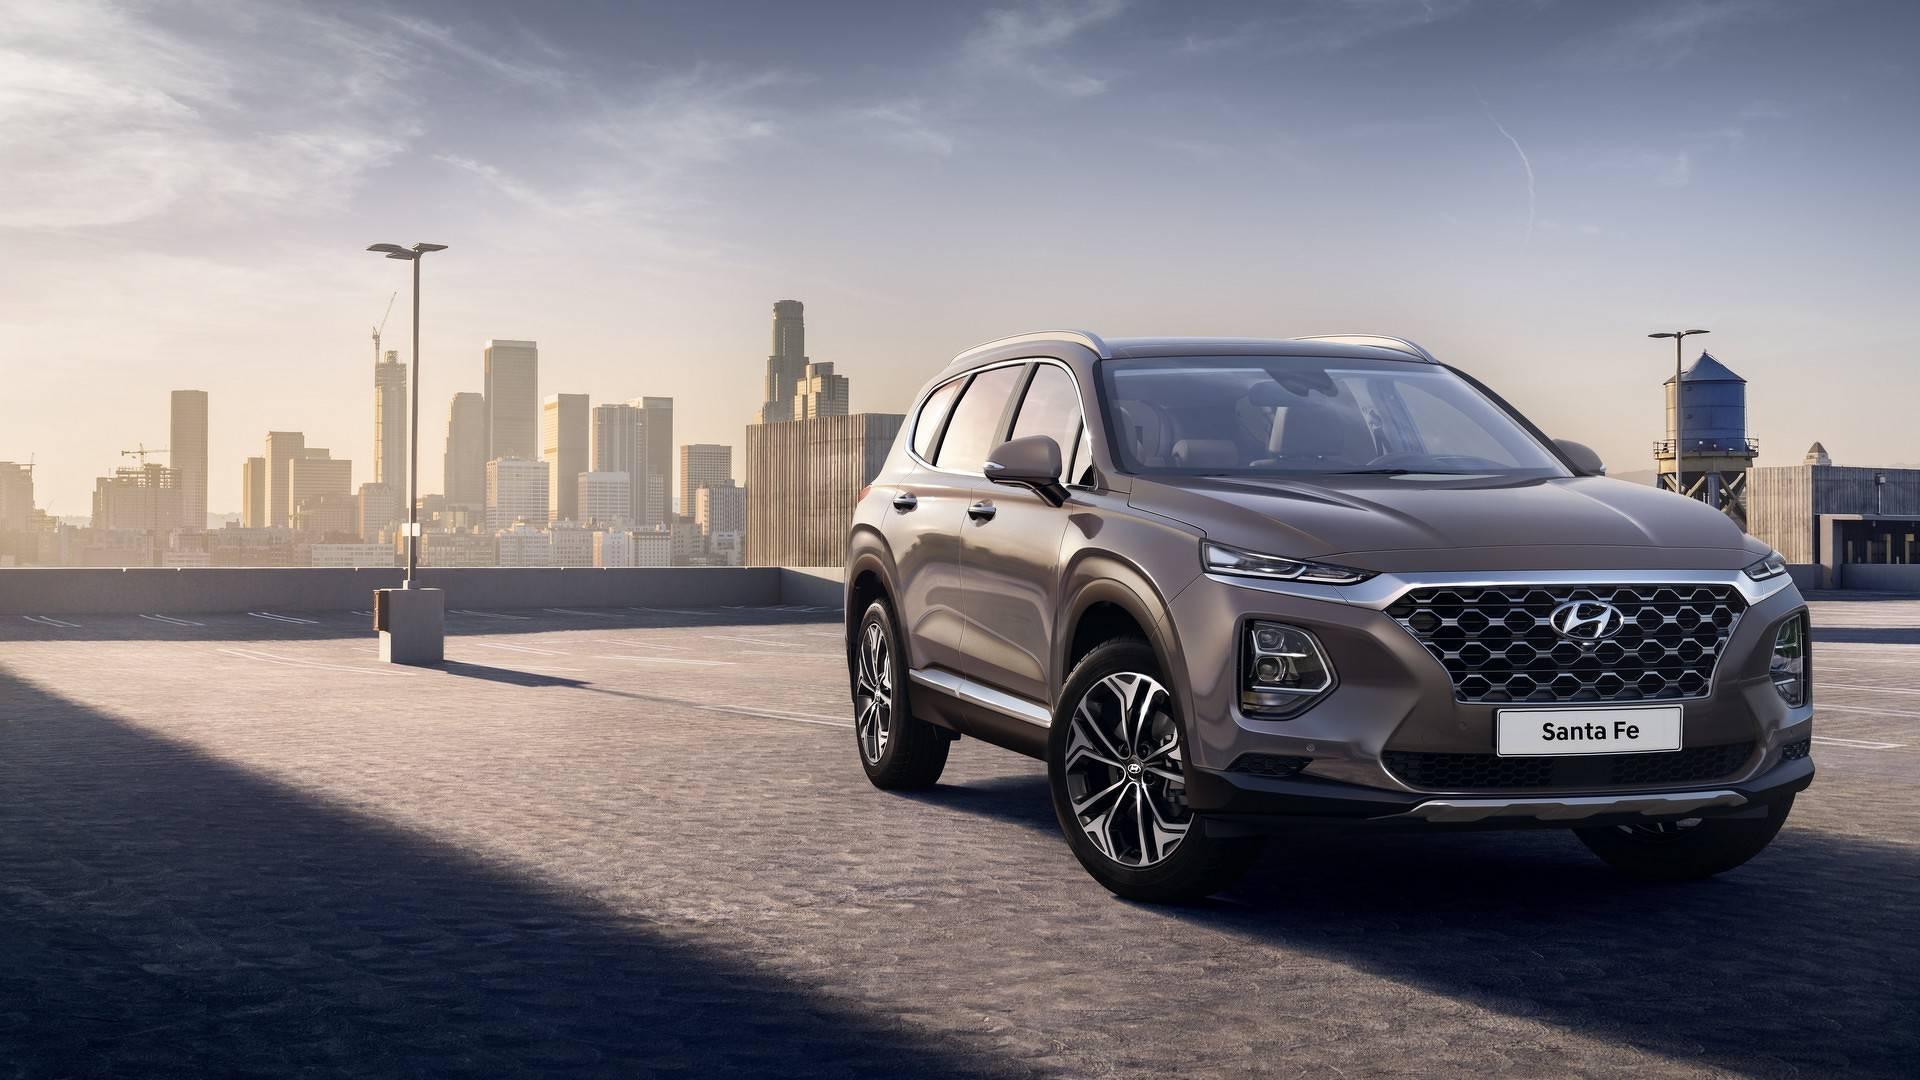 Корейский бренд Hyundai опубликовал очередной тизерный видеоролик главным героем которого стал обновленный вседорожник Santa Fe